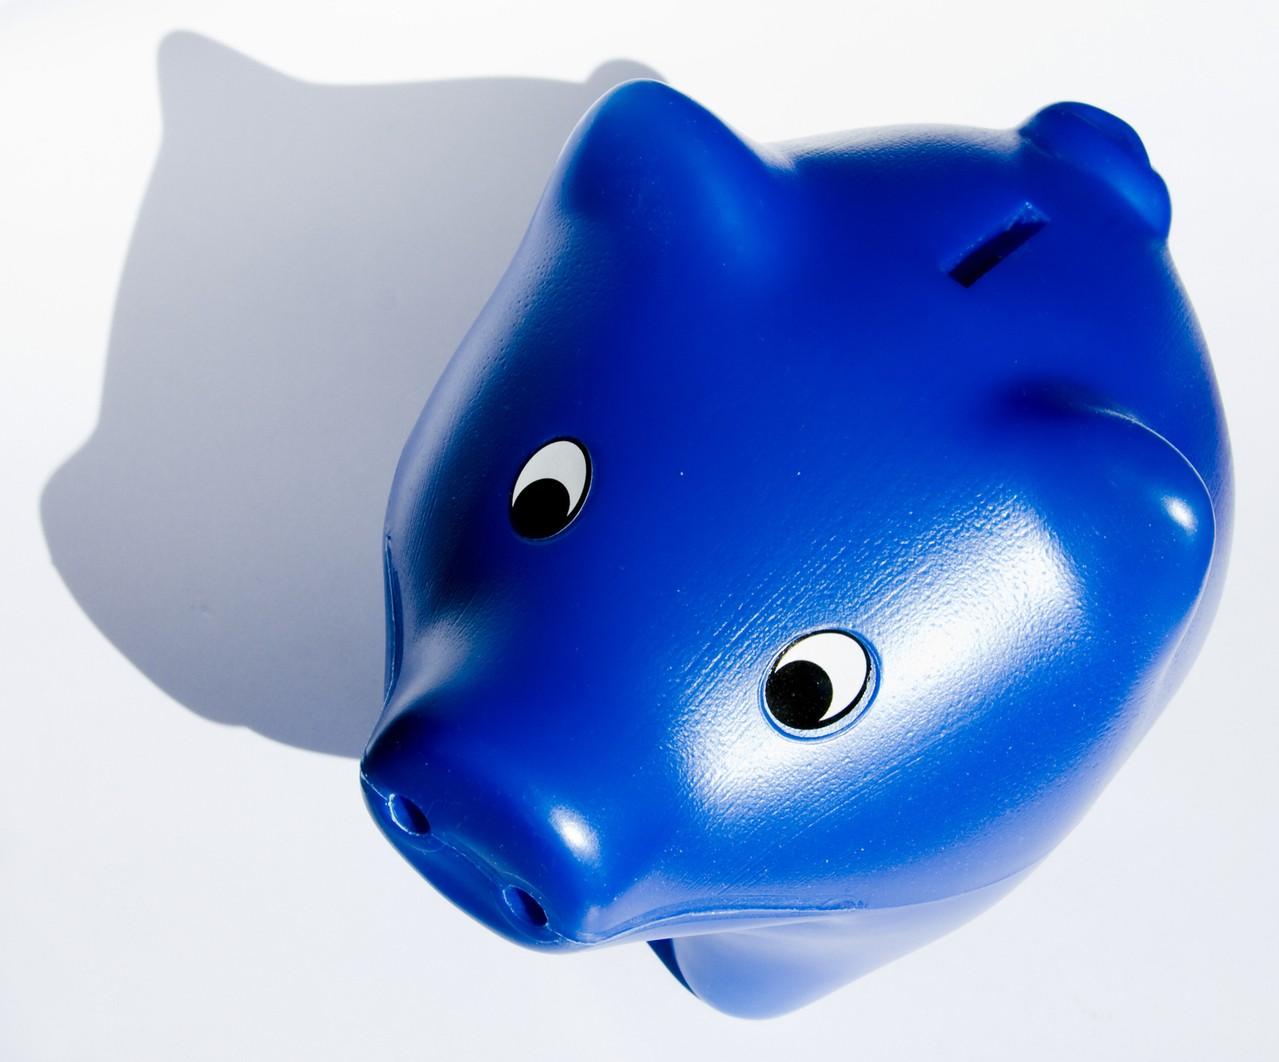 Ubezpieczenie ochronno-oszczędnościowe